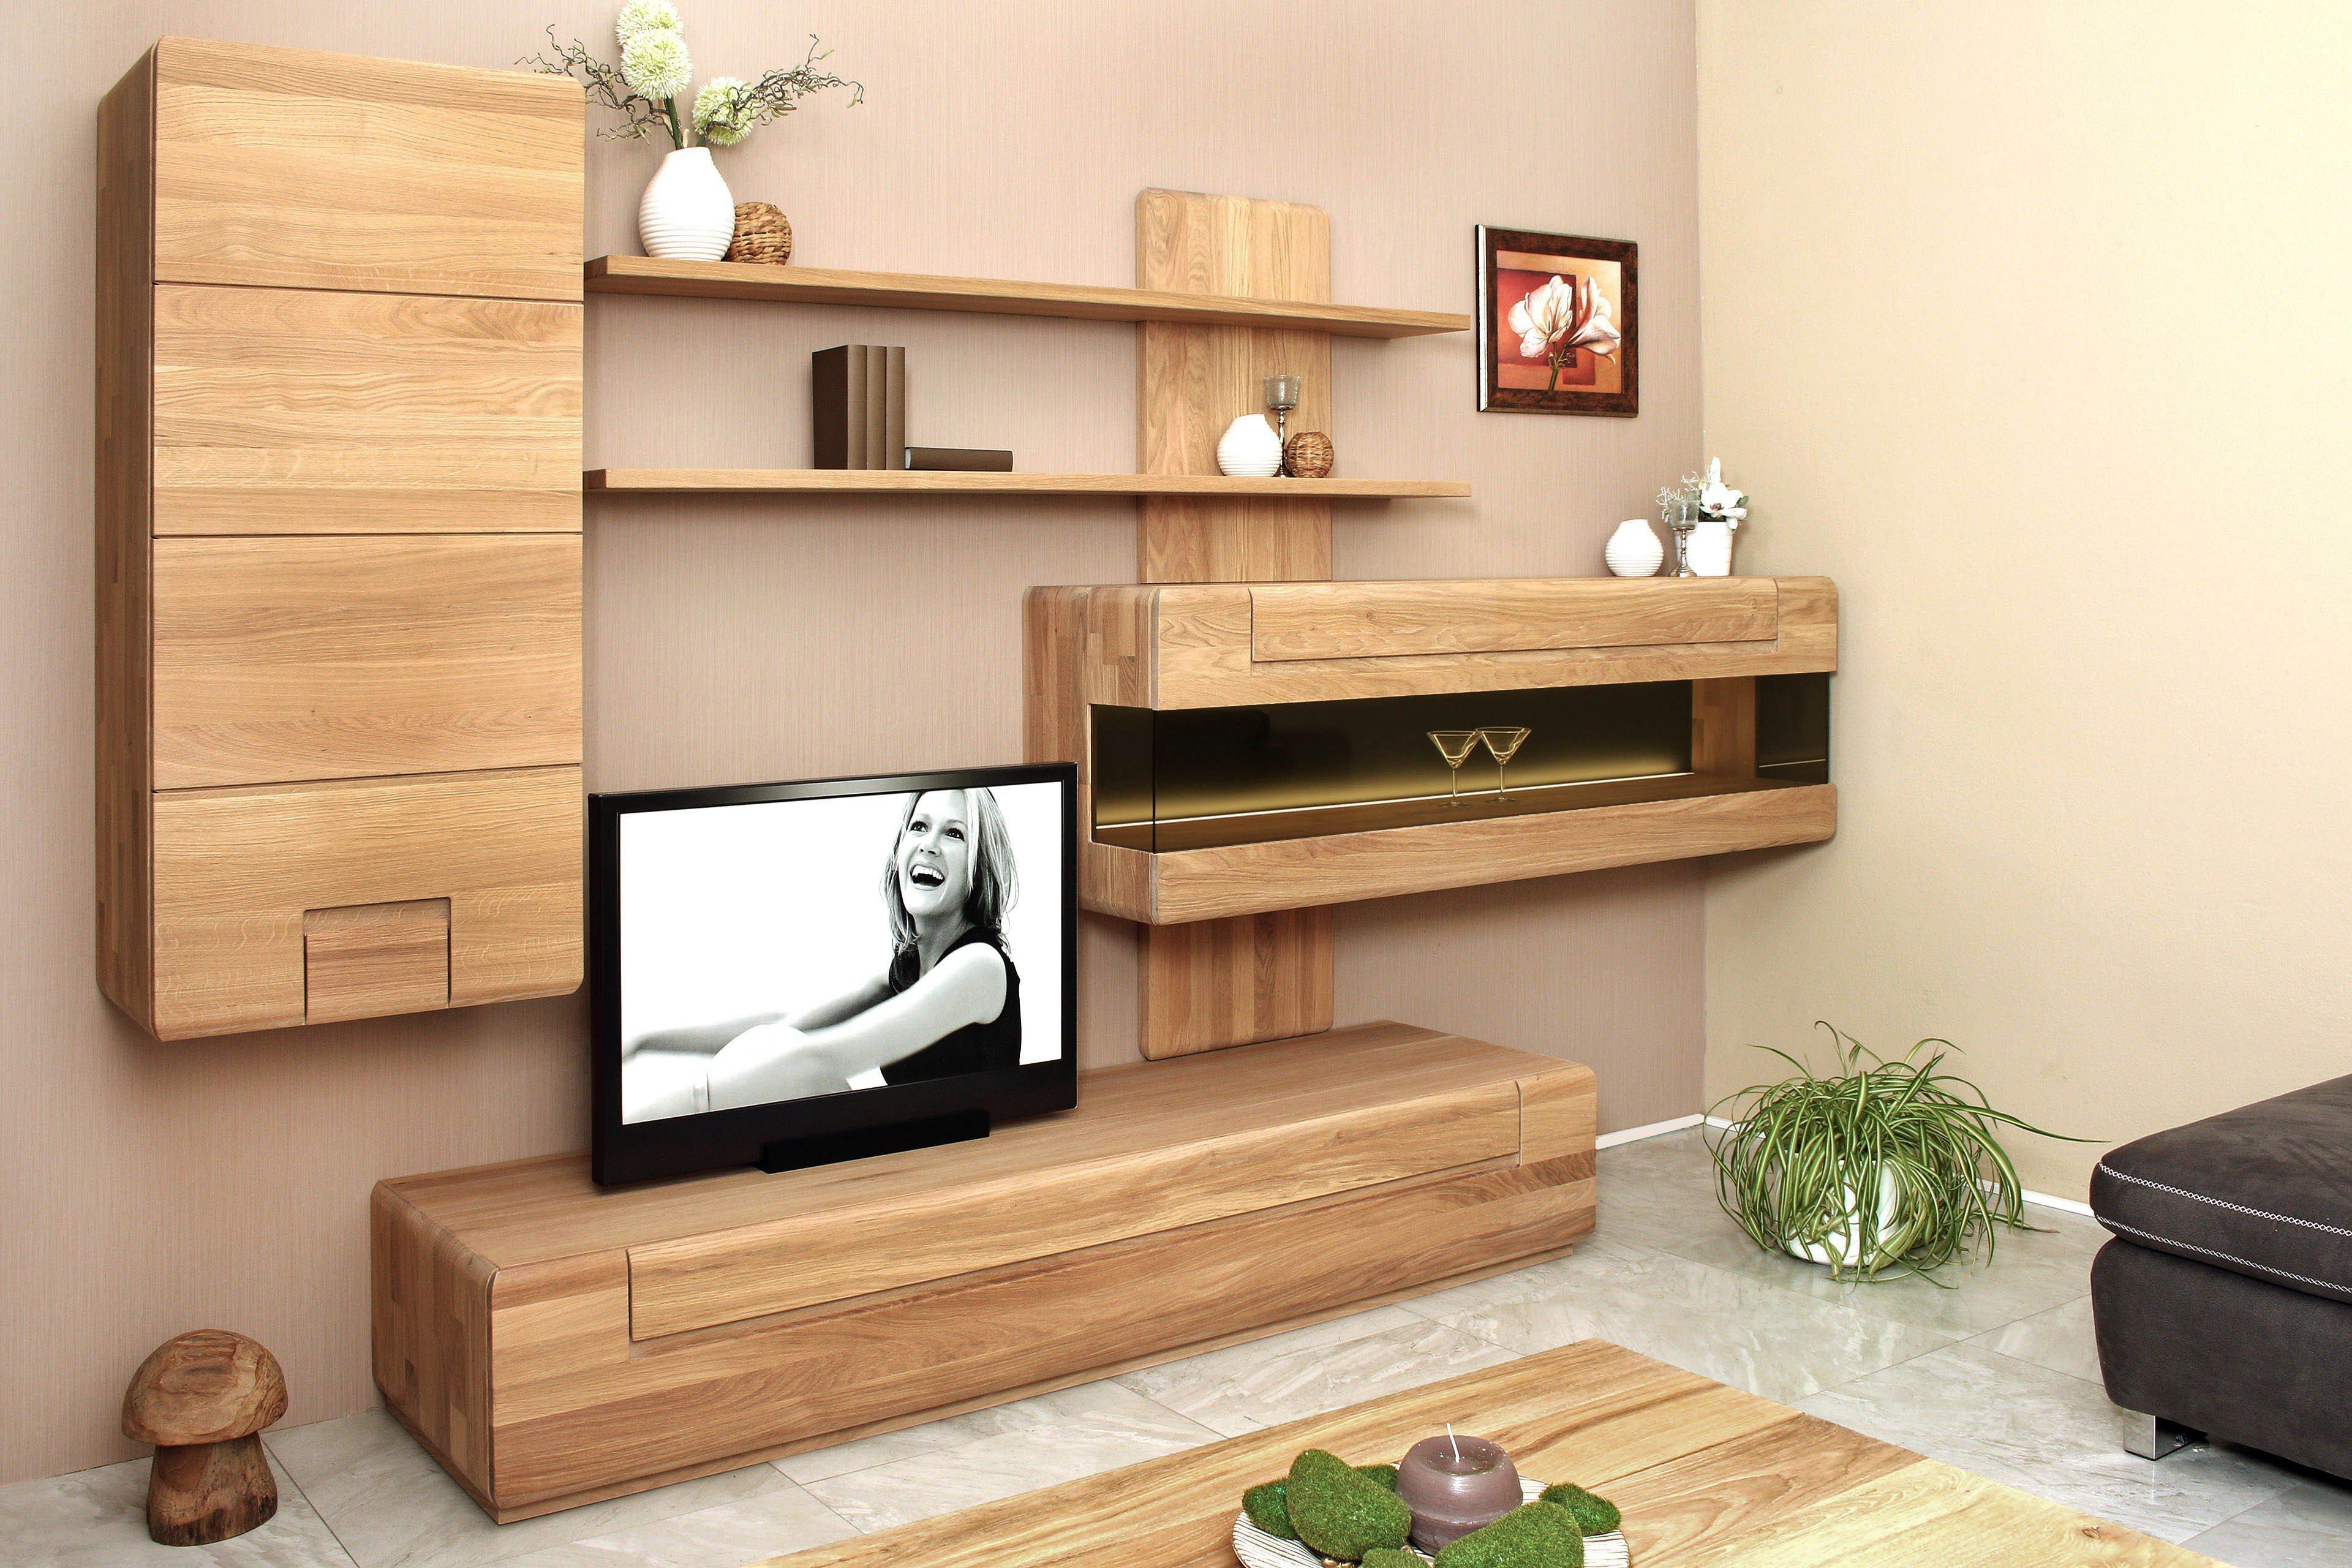 online moebel kaufen de trendy lokano von rietberger couchtisch in nussbaum with online moebel. Black Bedroom Furniture Sets. Home Design Ideas